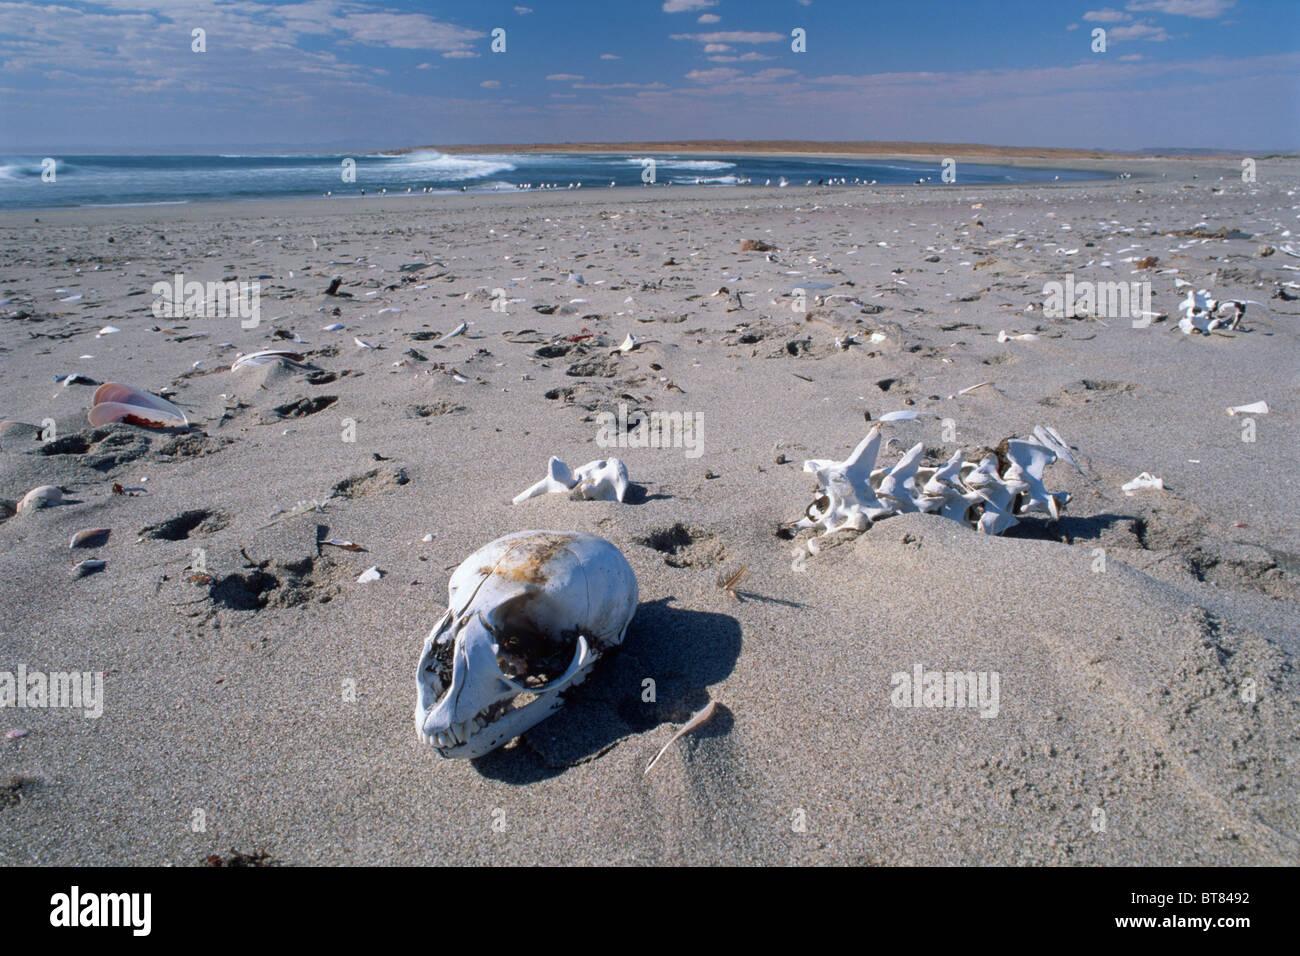 Skull and skeletons on Skeleton Coast, Namibia, Africa - Stock Image